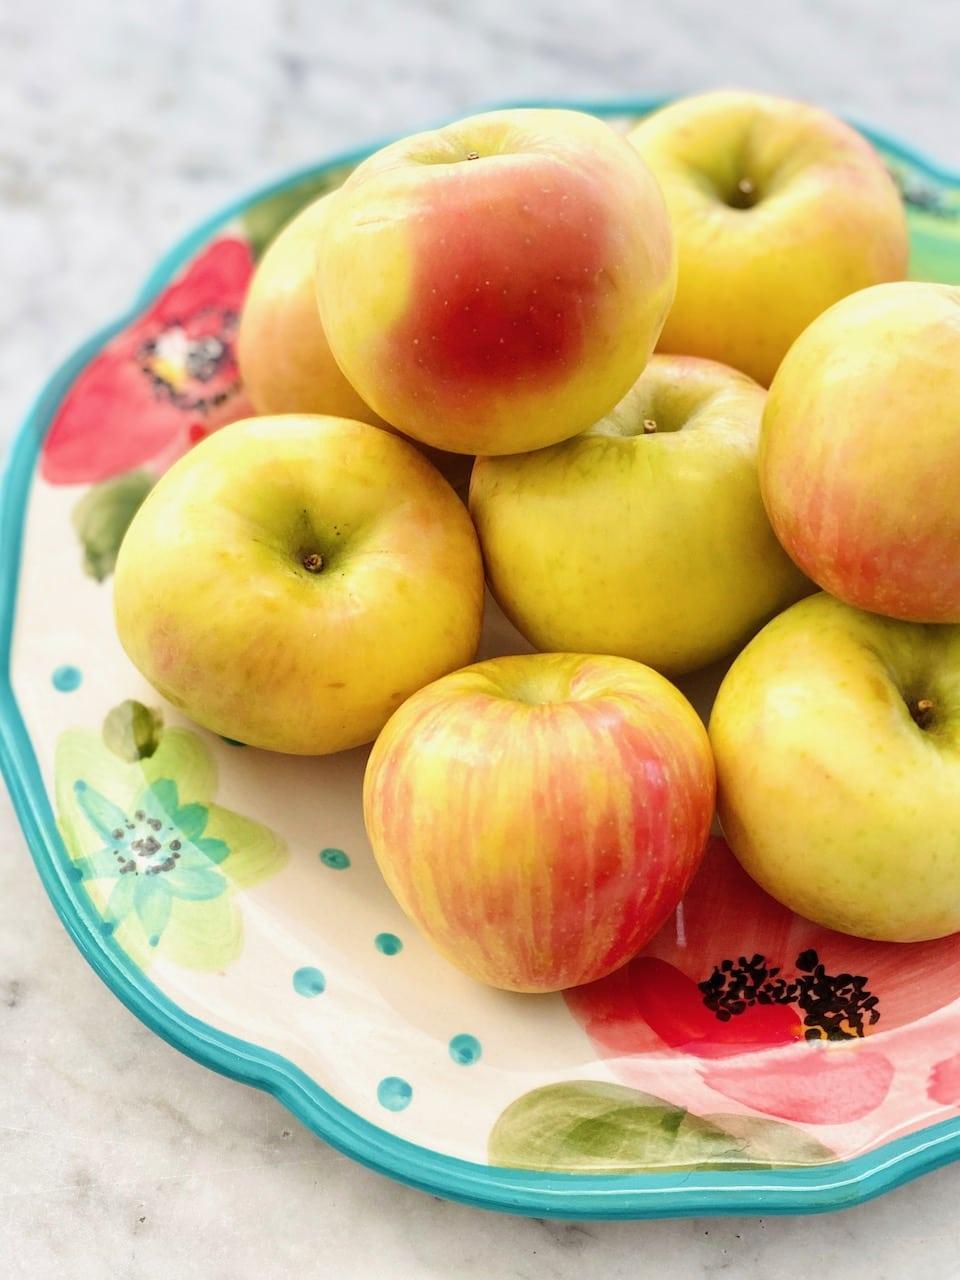 stack of honey crisp apples on a floral plate.